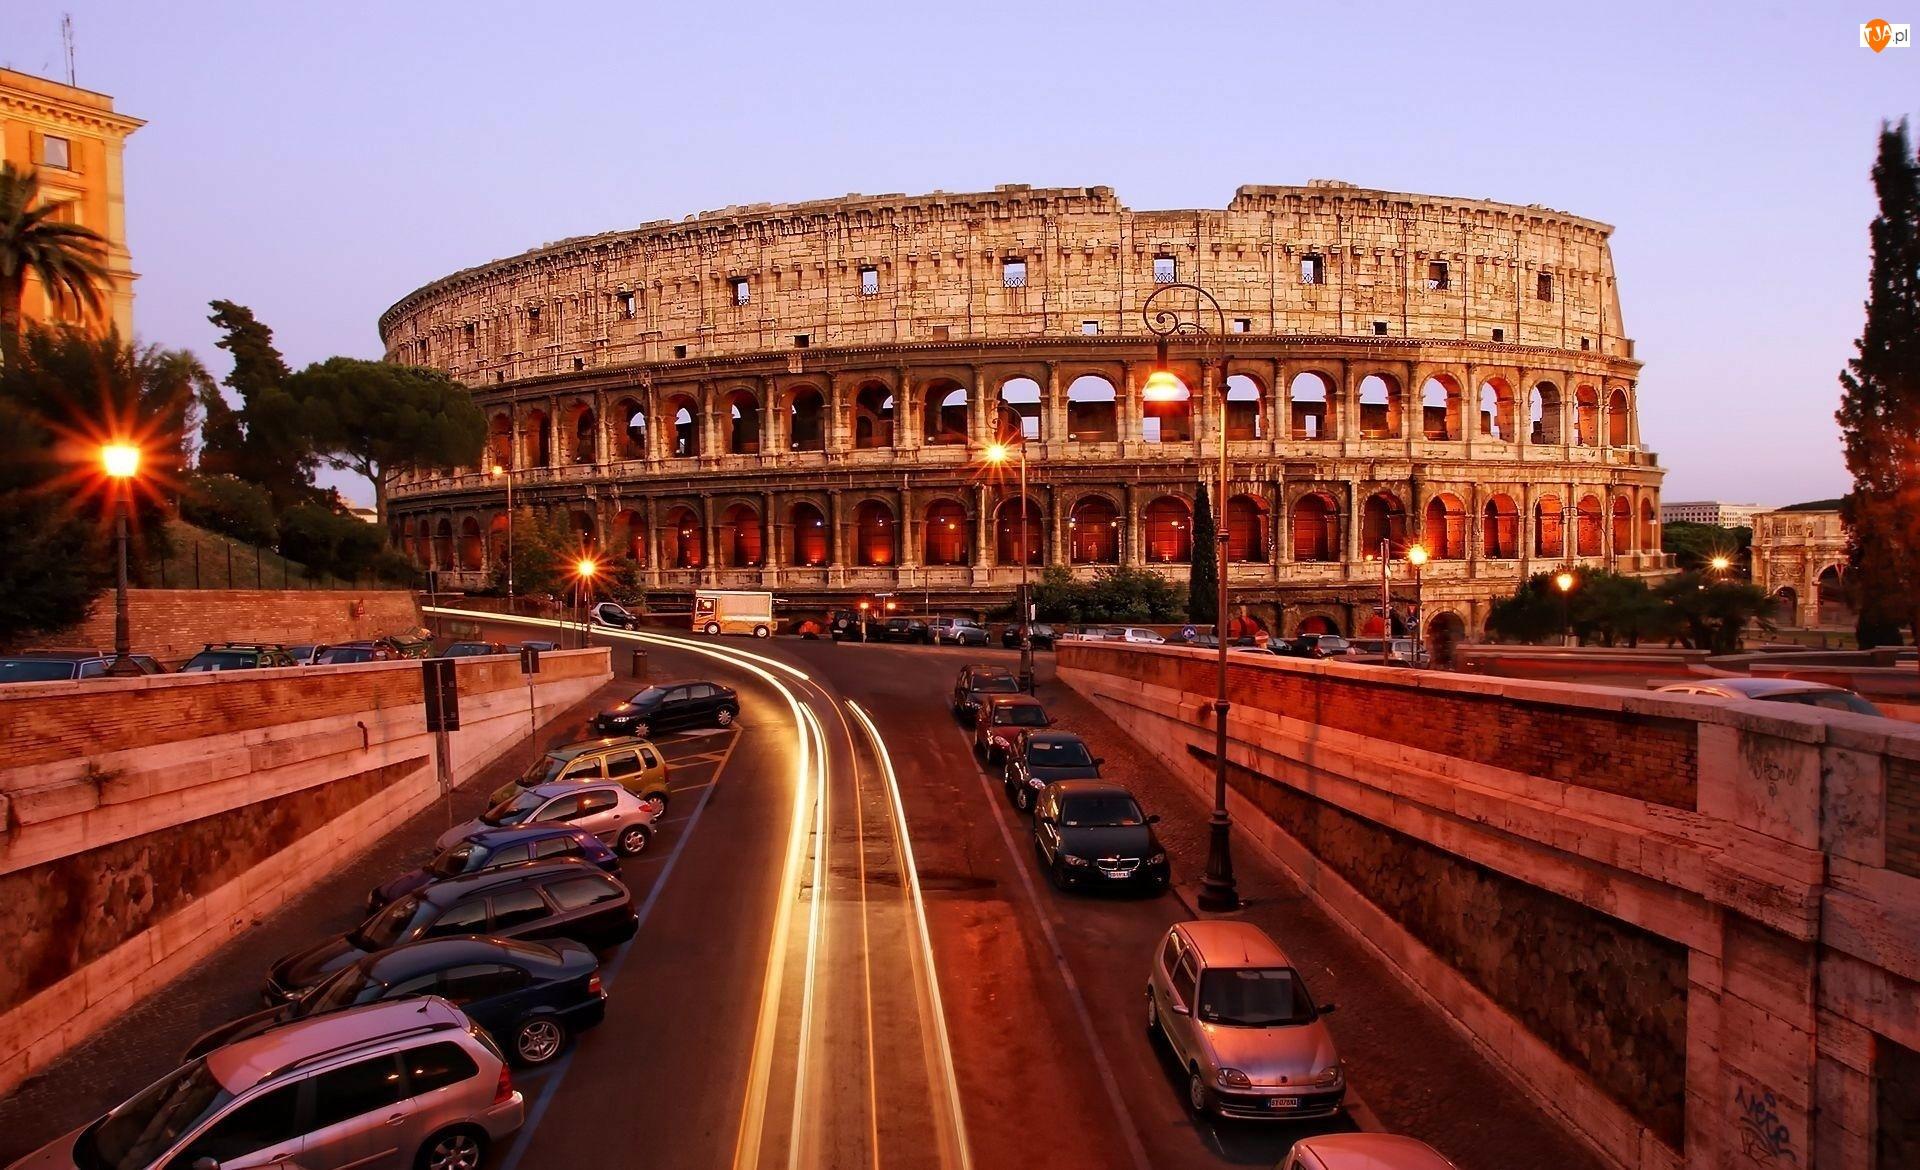 Włochy, Koloseum, Rzym, Amfiteatr